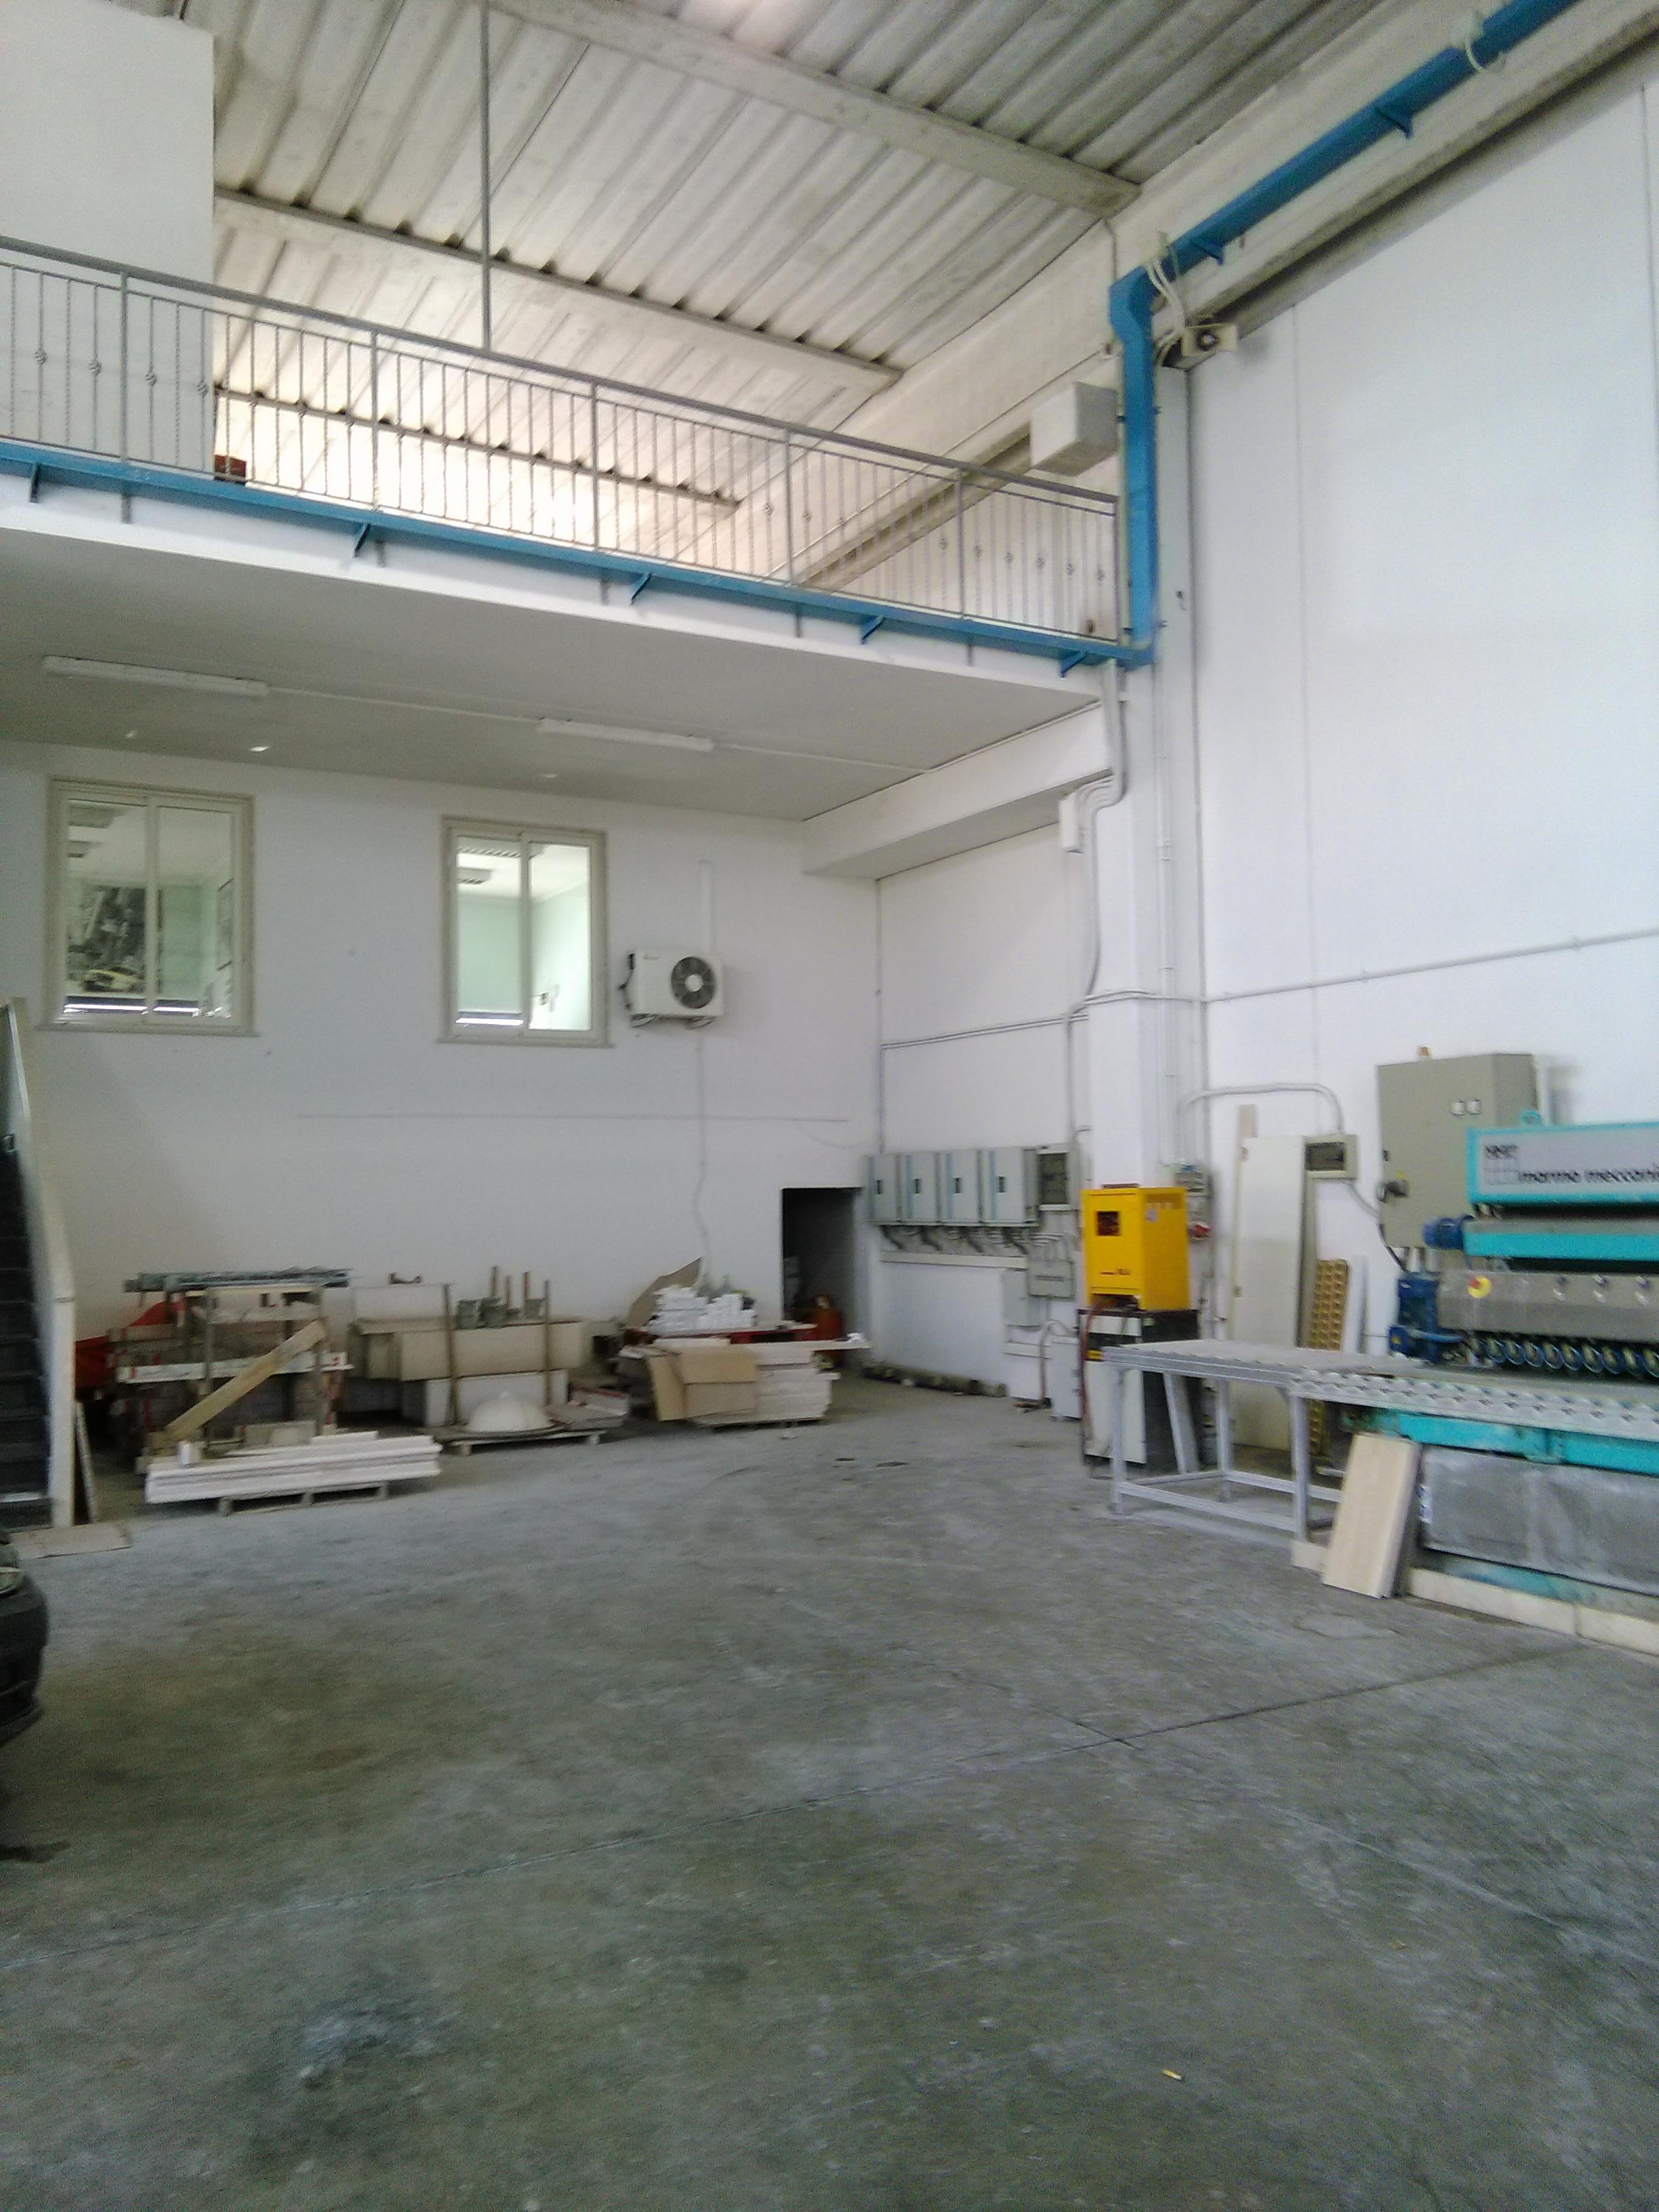 Affitto o vendita capannone ostia antica industriale for Affitto ufficio ostia